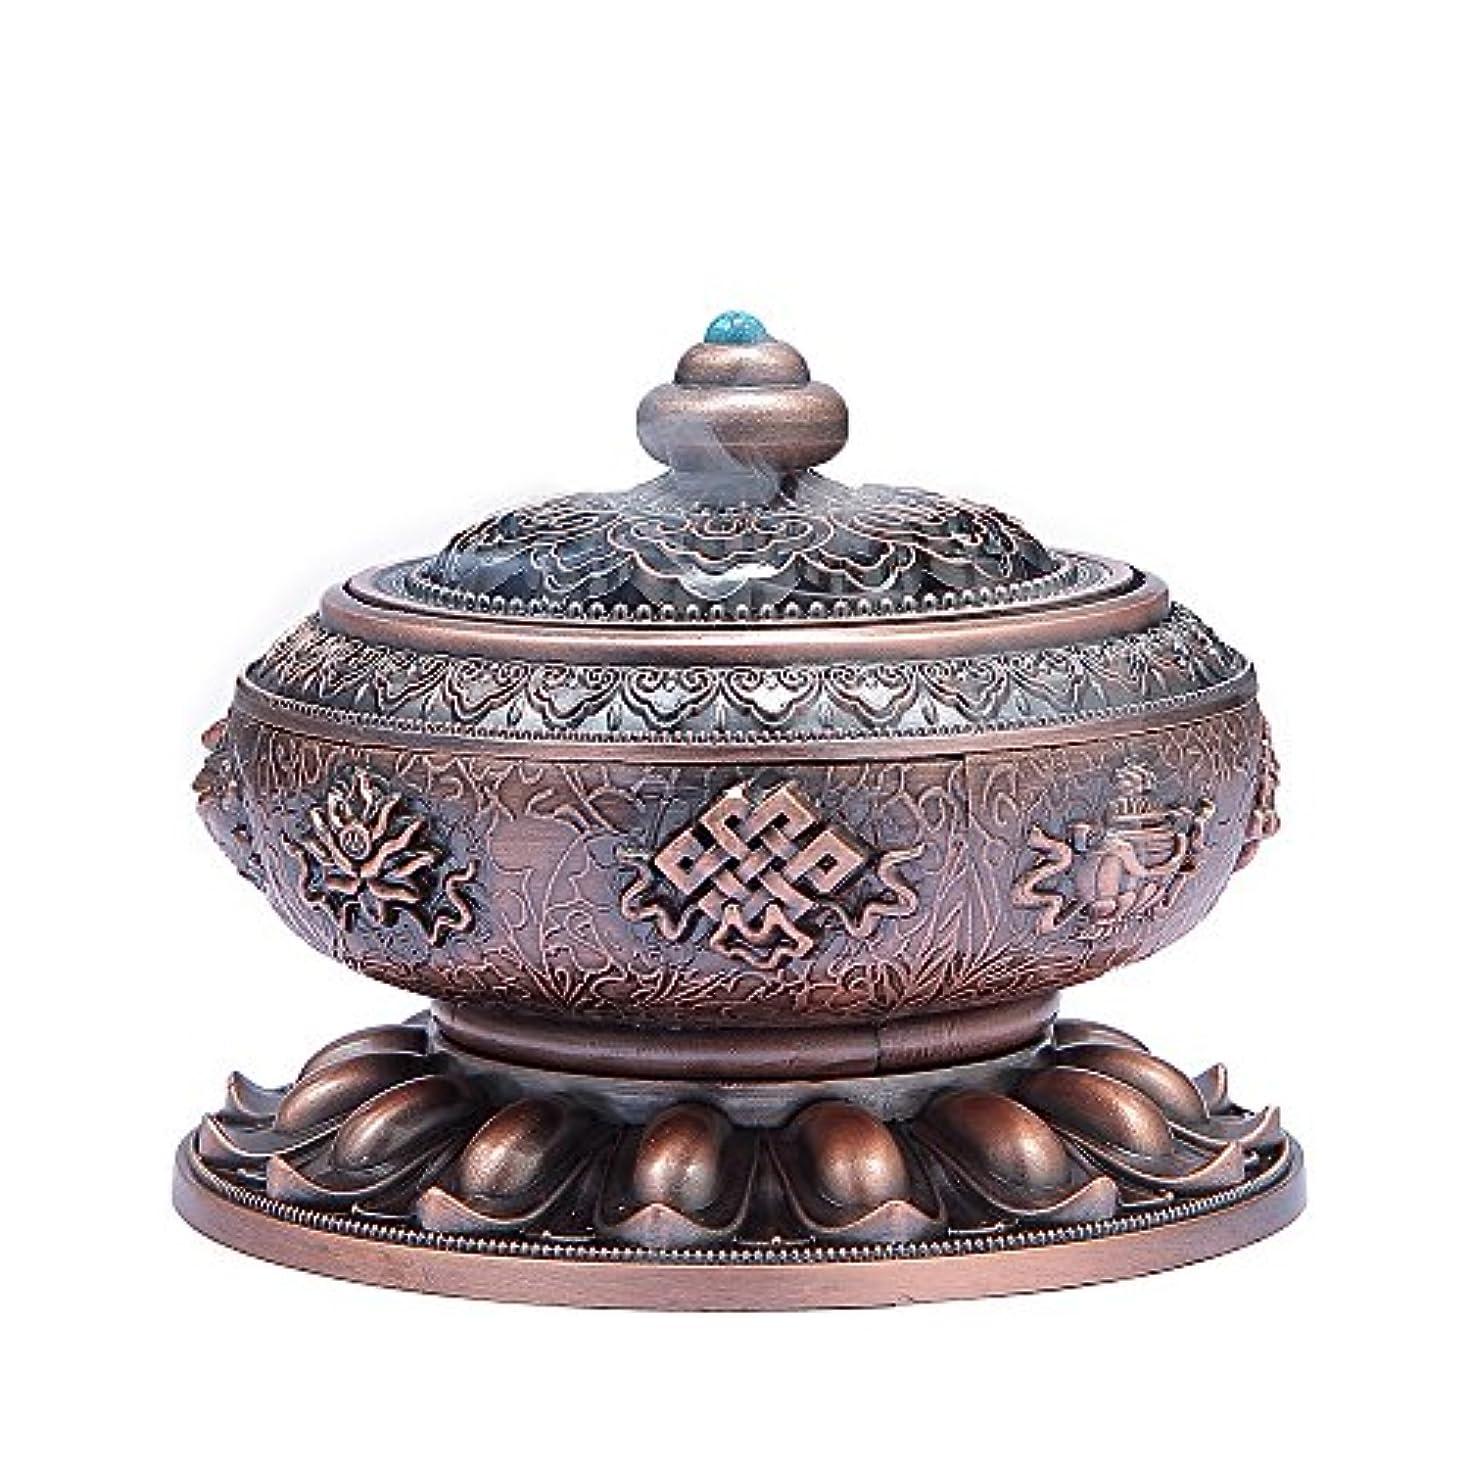 構成概要すごいMEDOOSKY Large Incense Holder Burner Tibet Lotus Copper Alloy( Stick/ Cone/ Coil Incense)